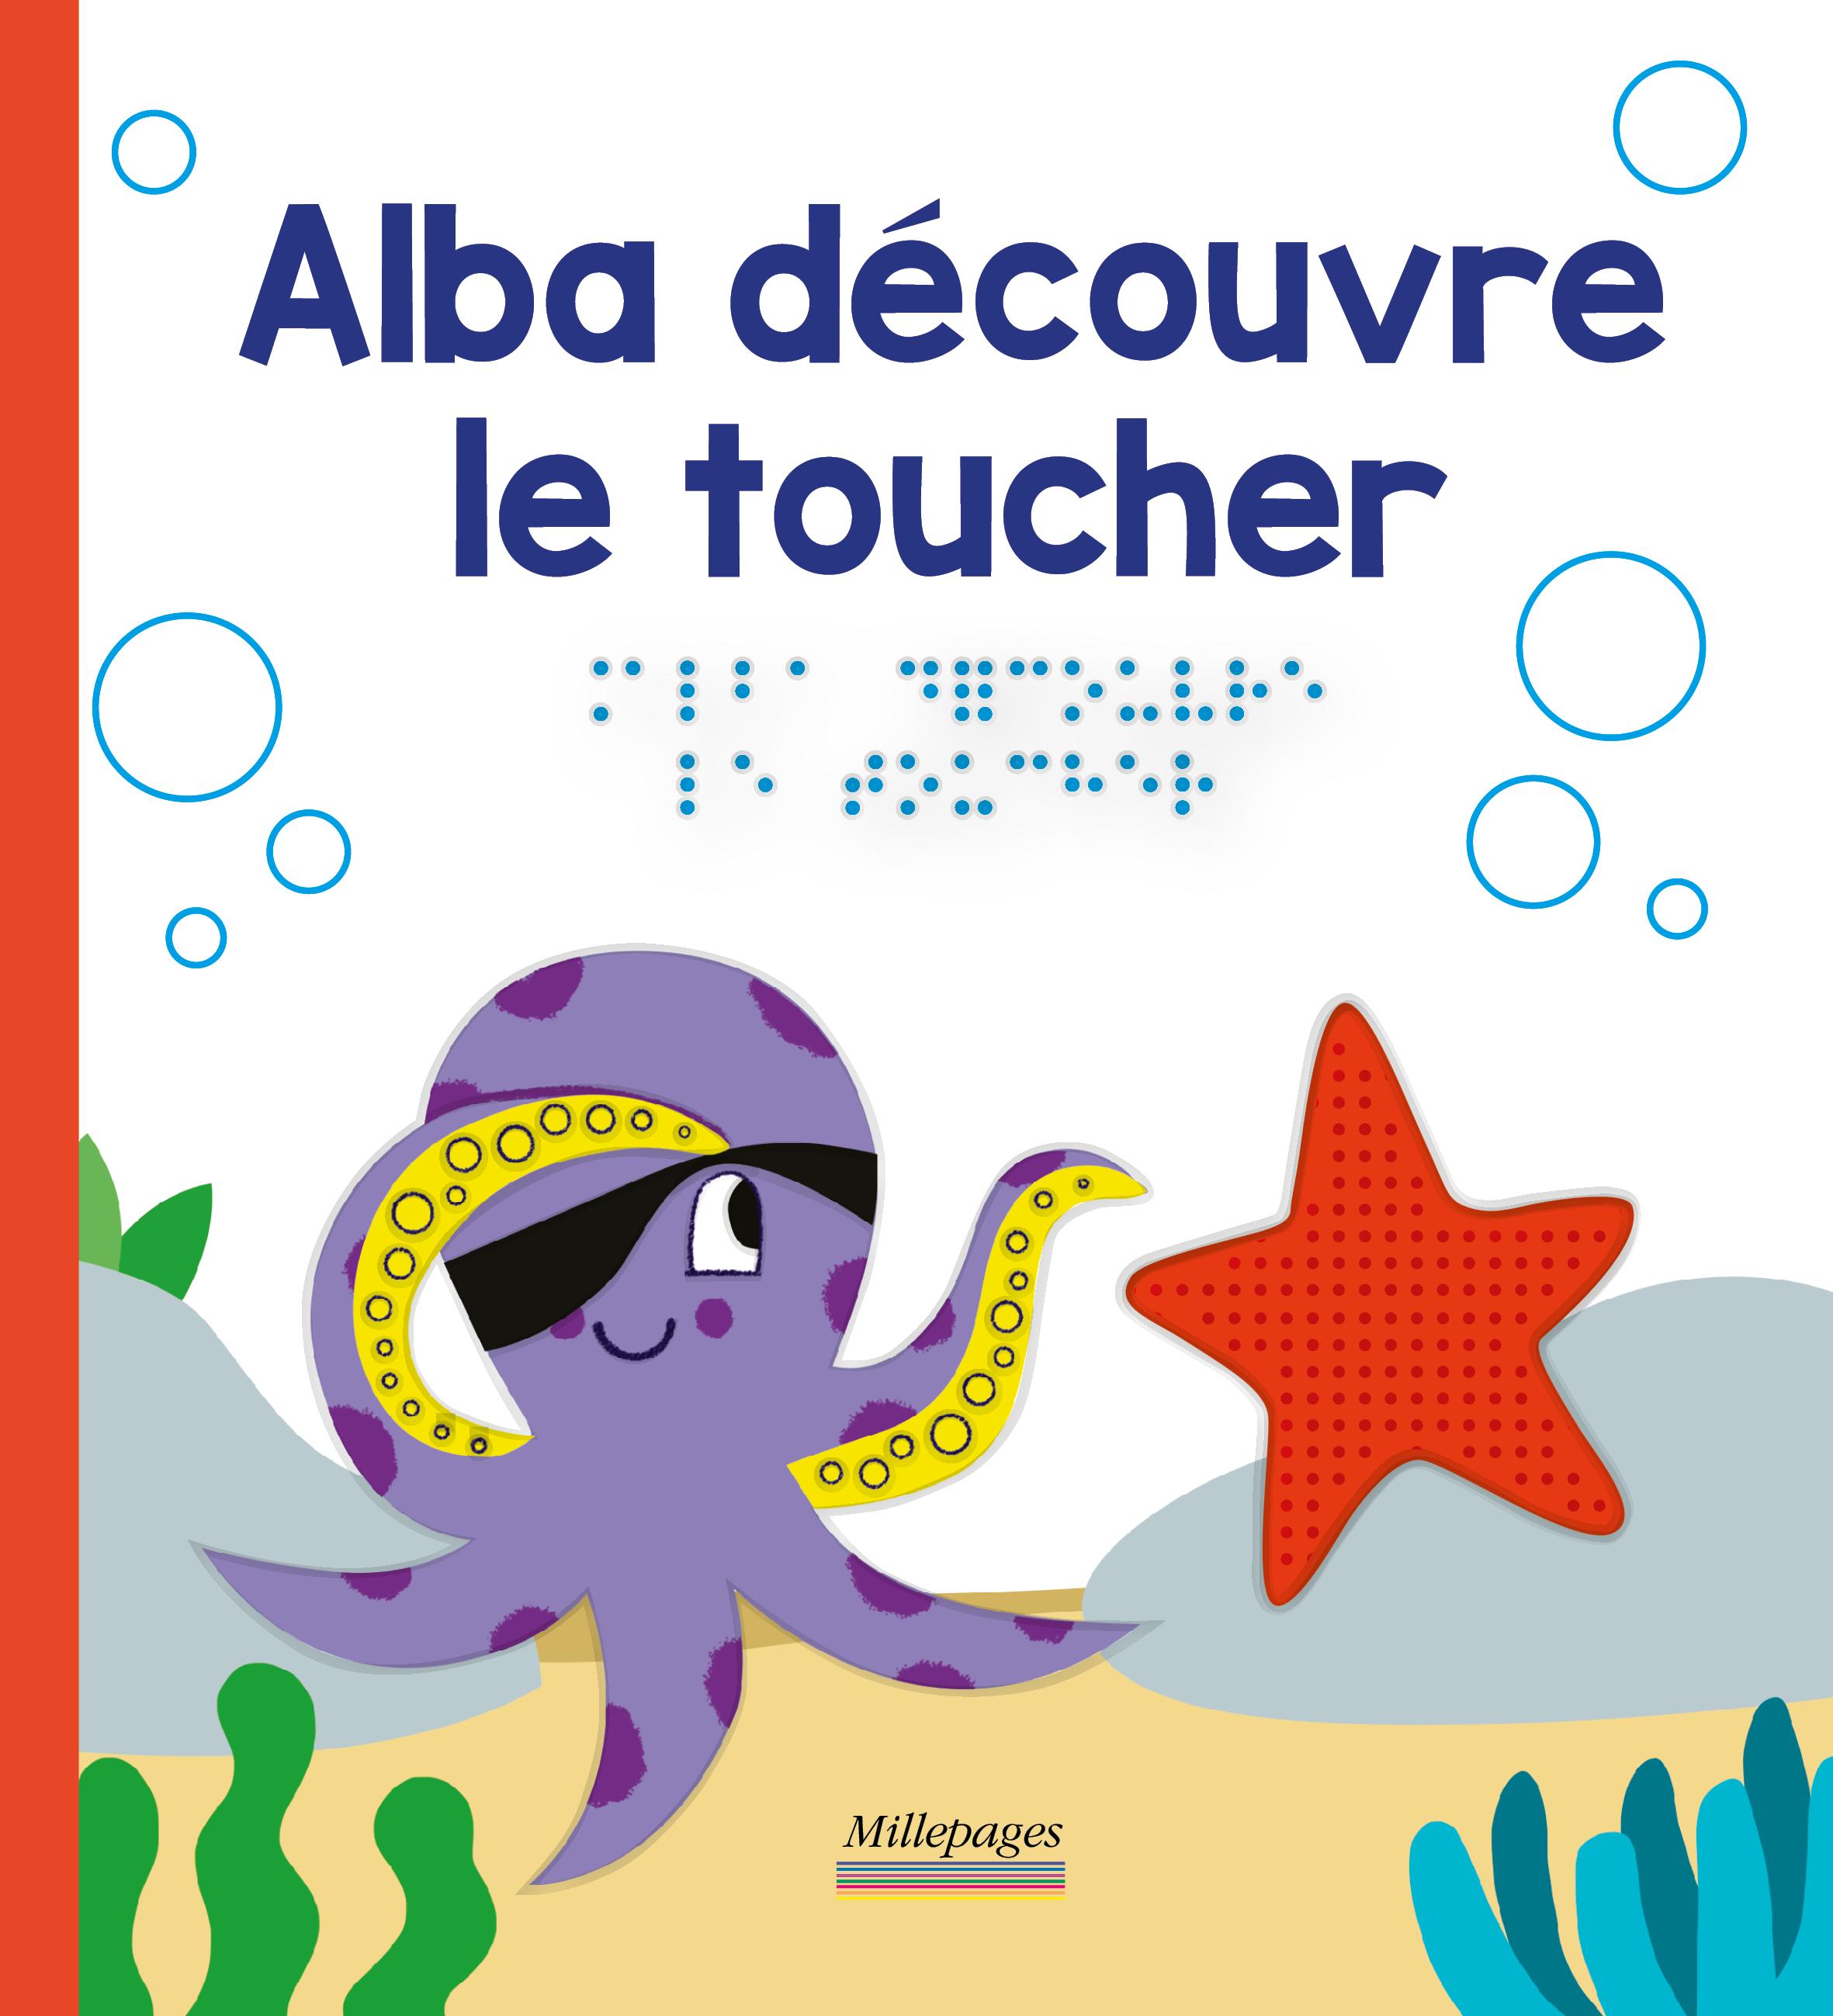 ALBA DECOUVRE LE TOUCHER